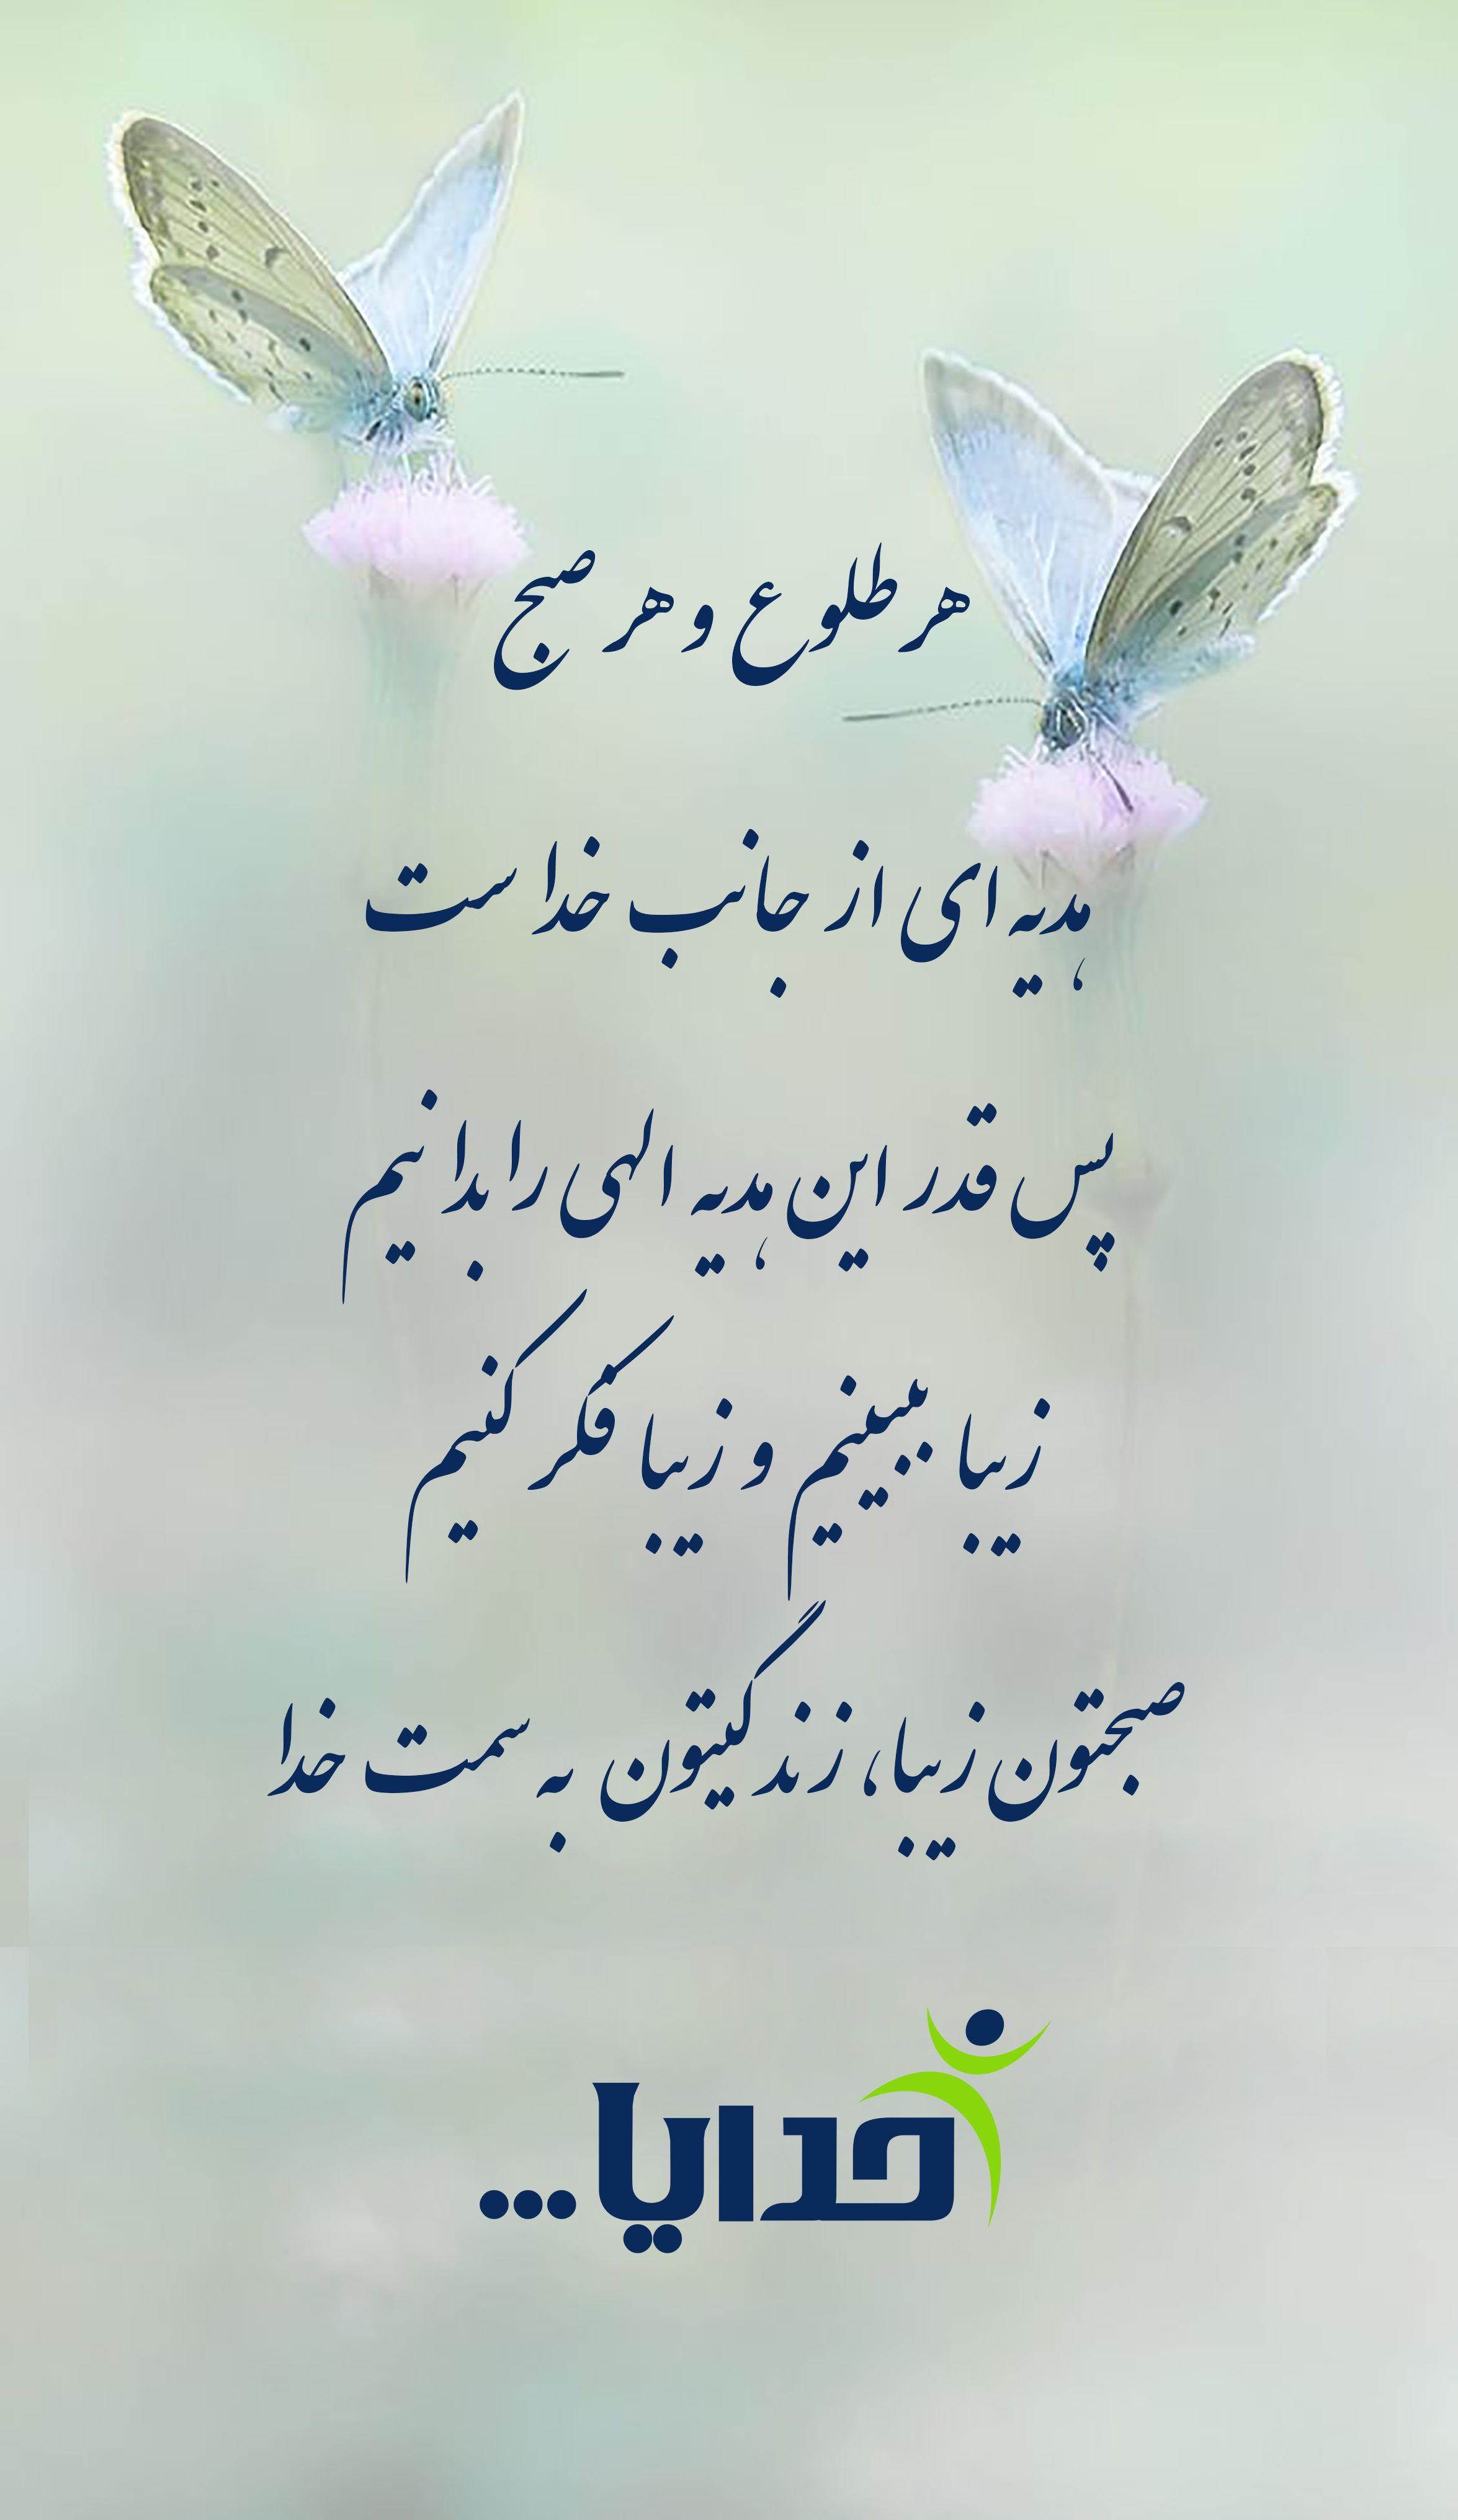 هر طلوع و هر صبح هدیه ای از جانب خداست پس قدر این هدیه الهی را بدانیم زیبا ببینیم و زیبا فکر کنیم صبح Good Morning Texts Old Quotes Deep Thought